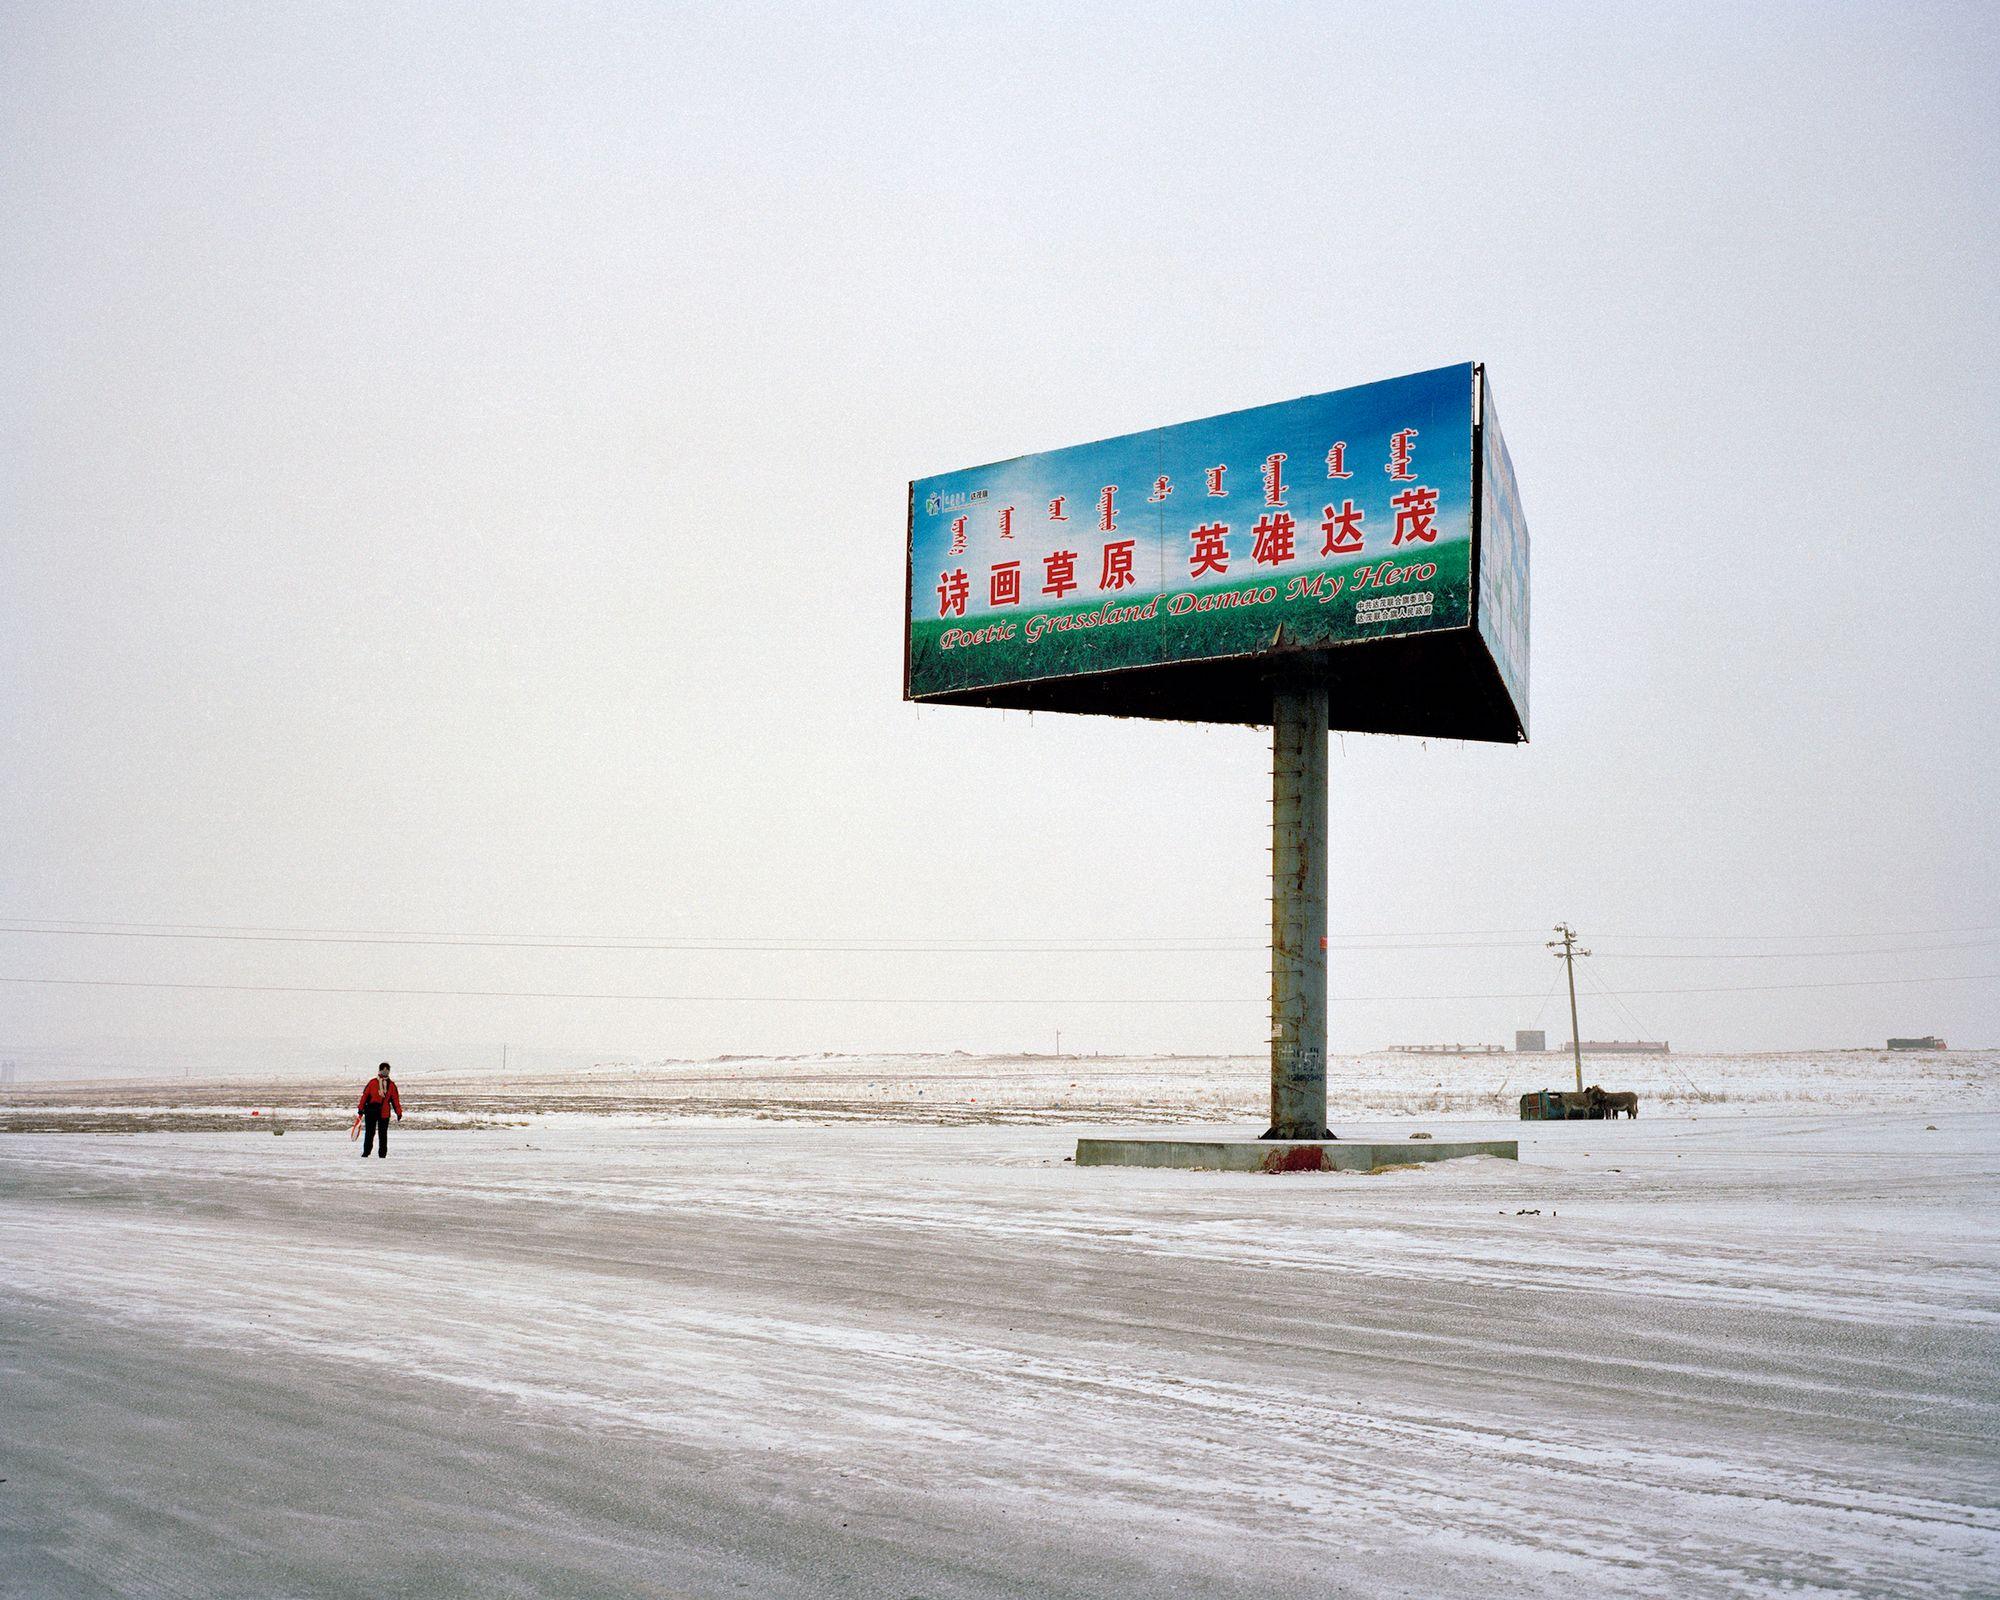 The Good Earth: Inner Mongolia